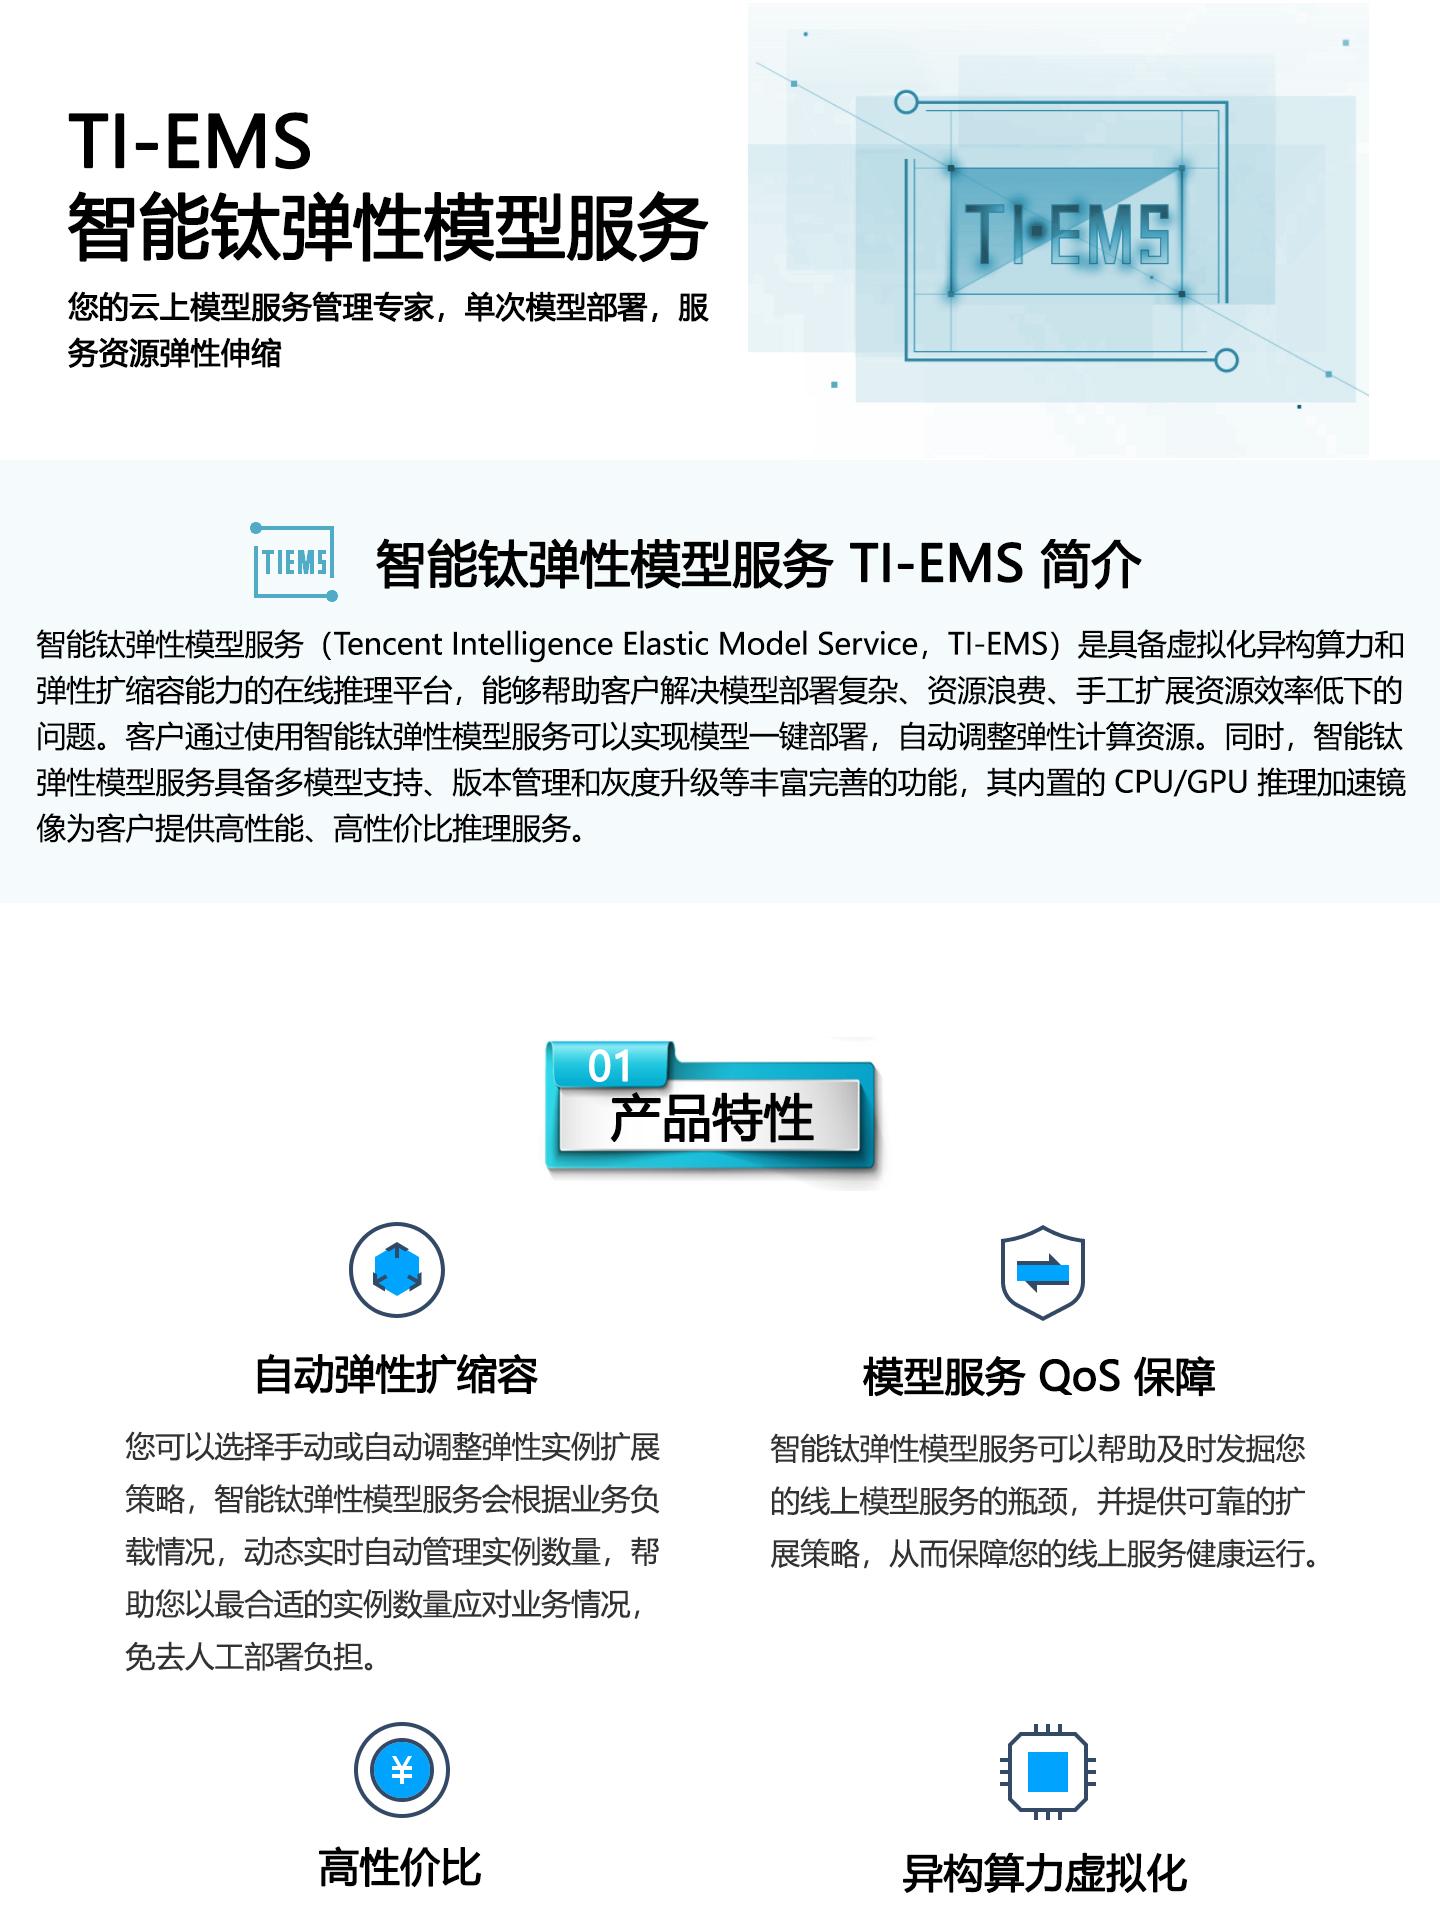 智能钛弹性模型服务-TI-EMS-1440_01.jpg